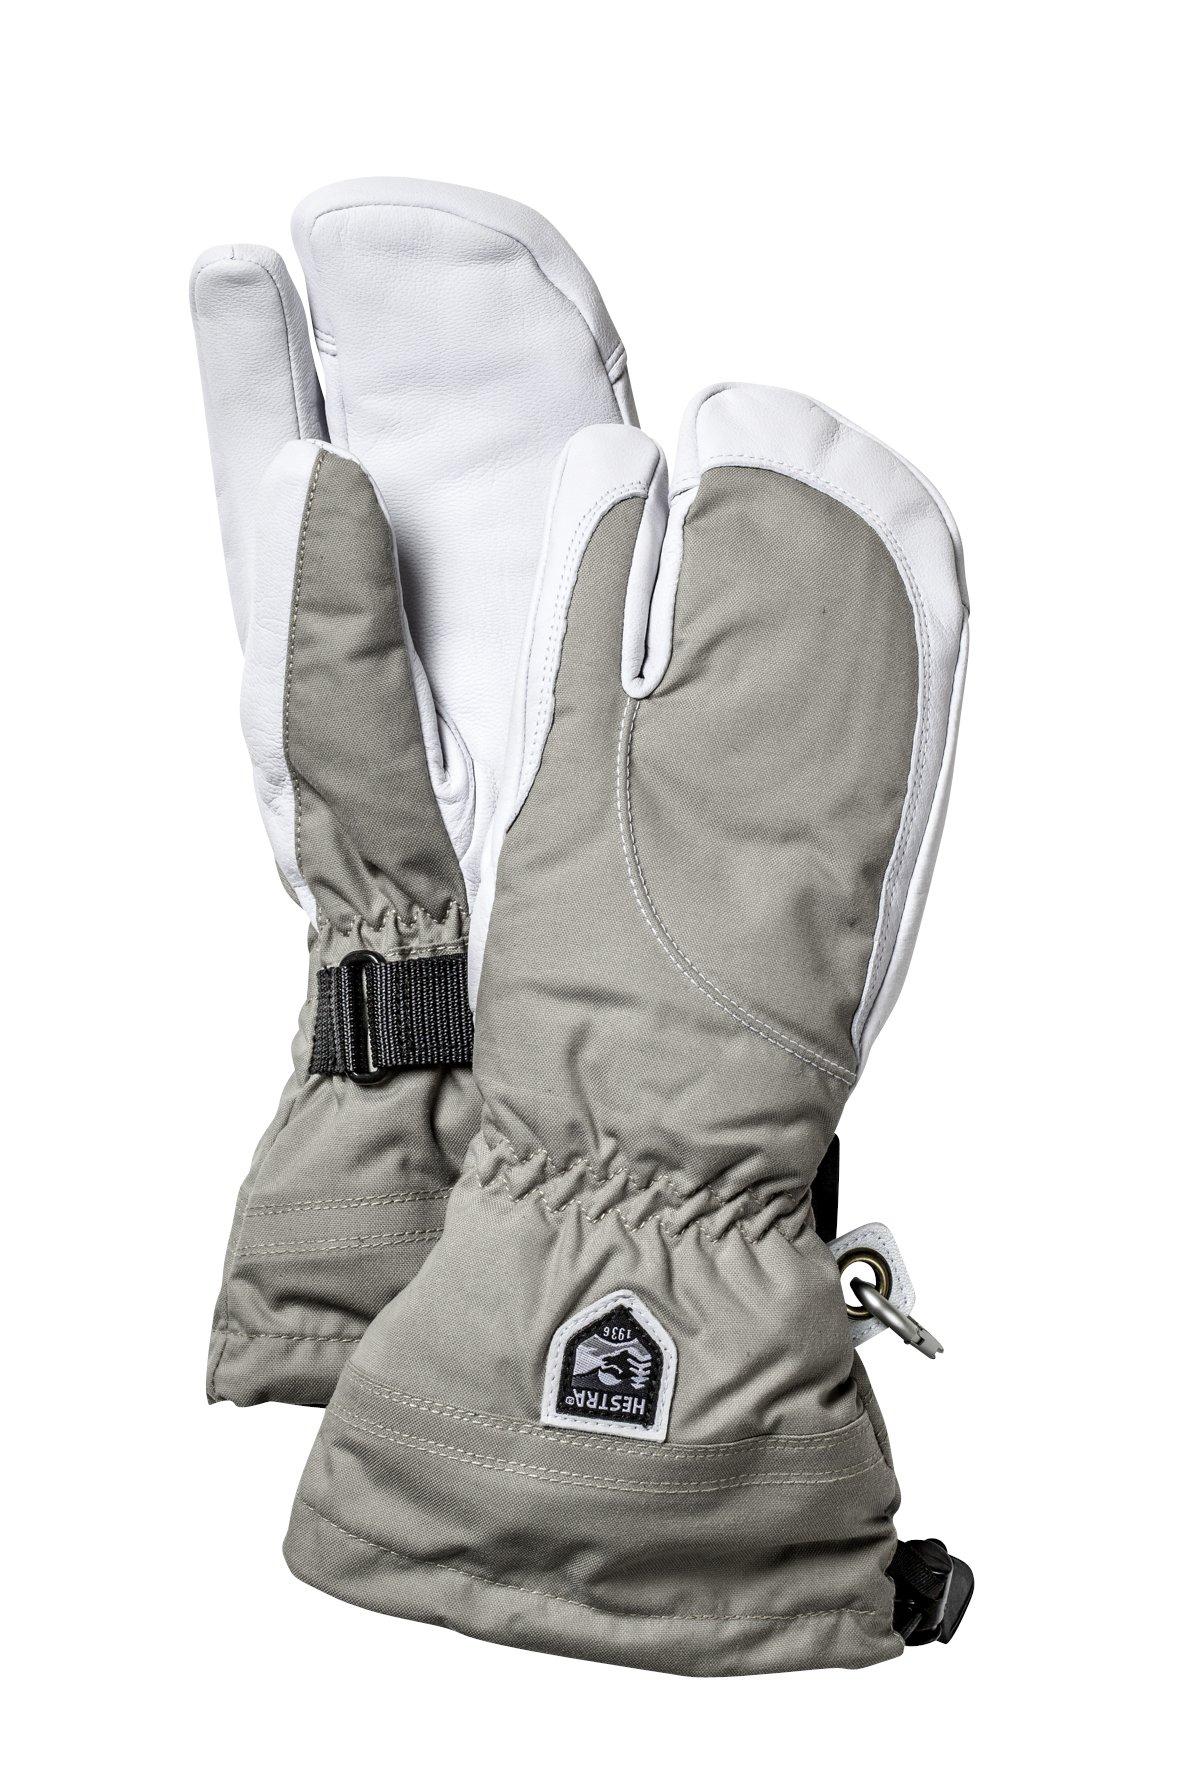 Hestra Women's Heli 3-Finger Gloves, Khaki/Off White, 7